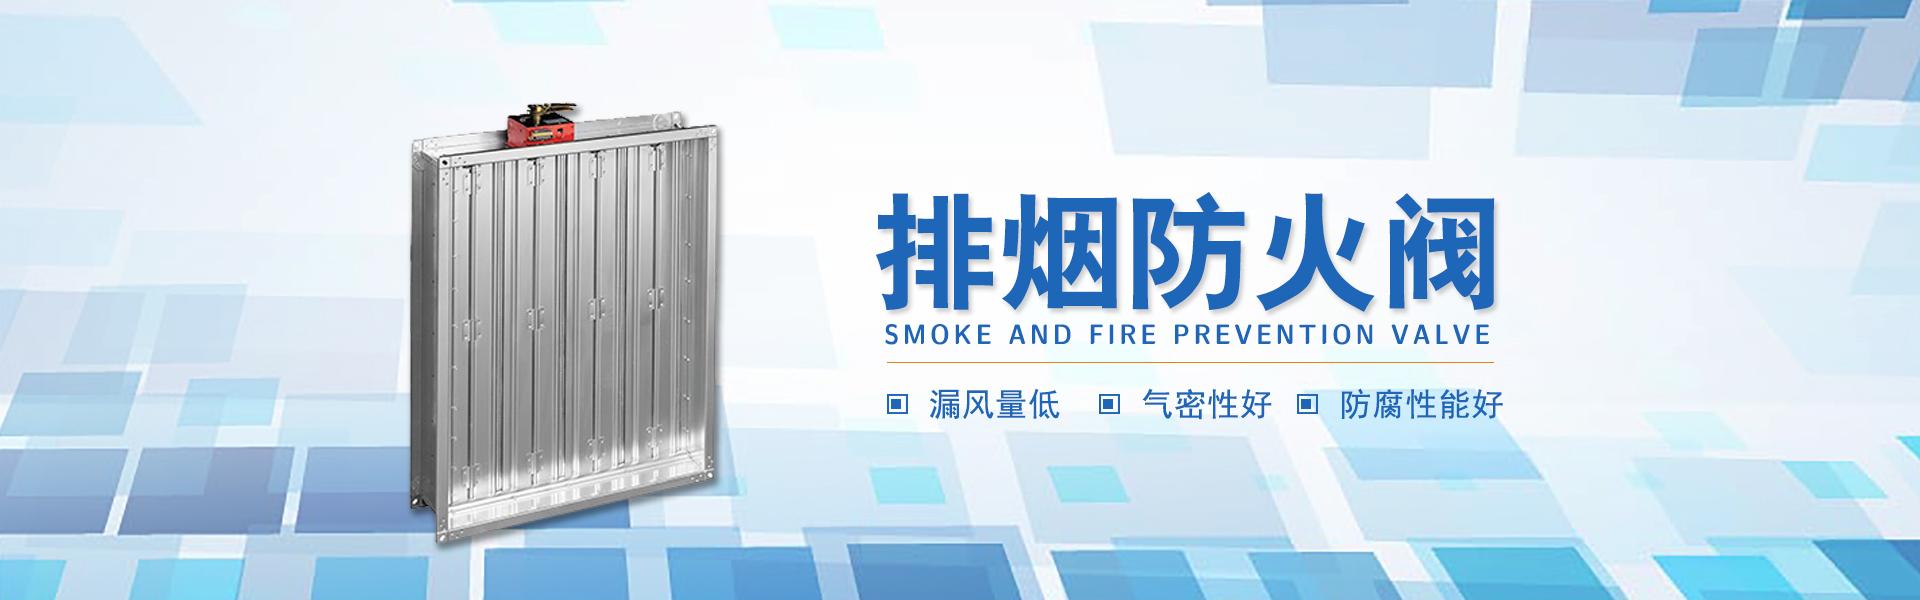 yabo亚博官网排烟亚博意甲买球app